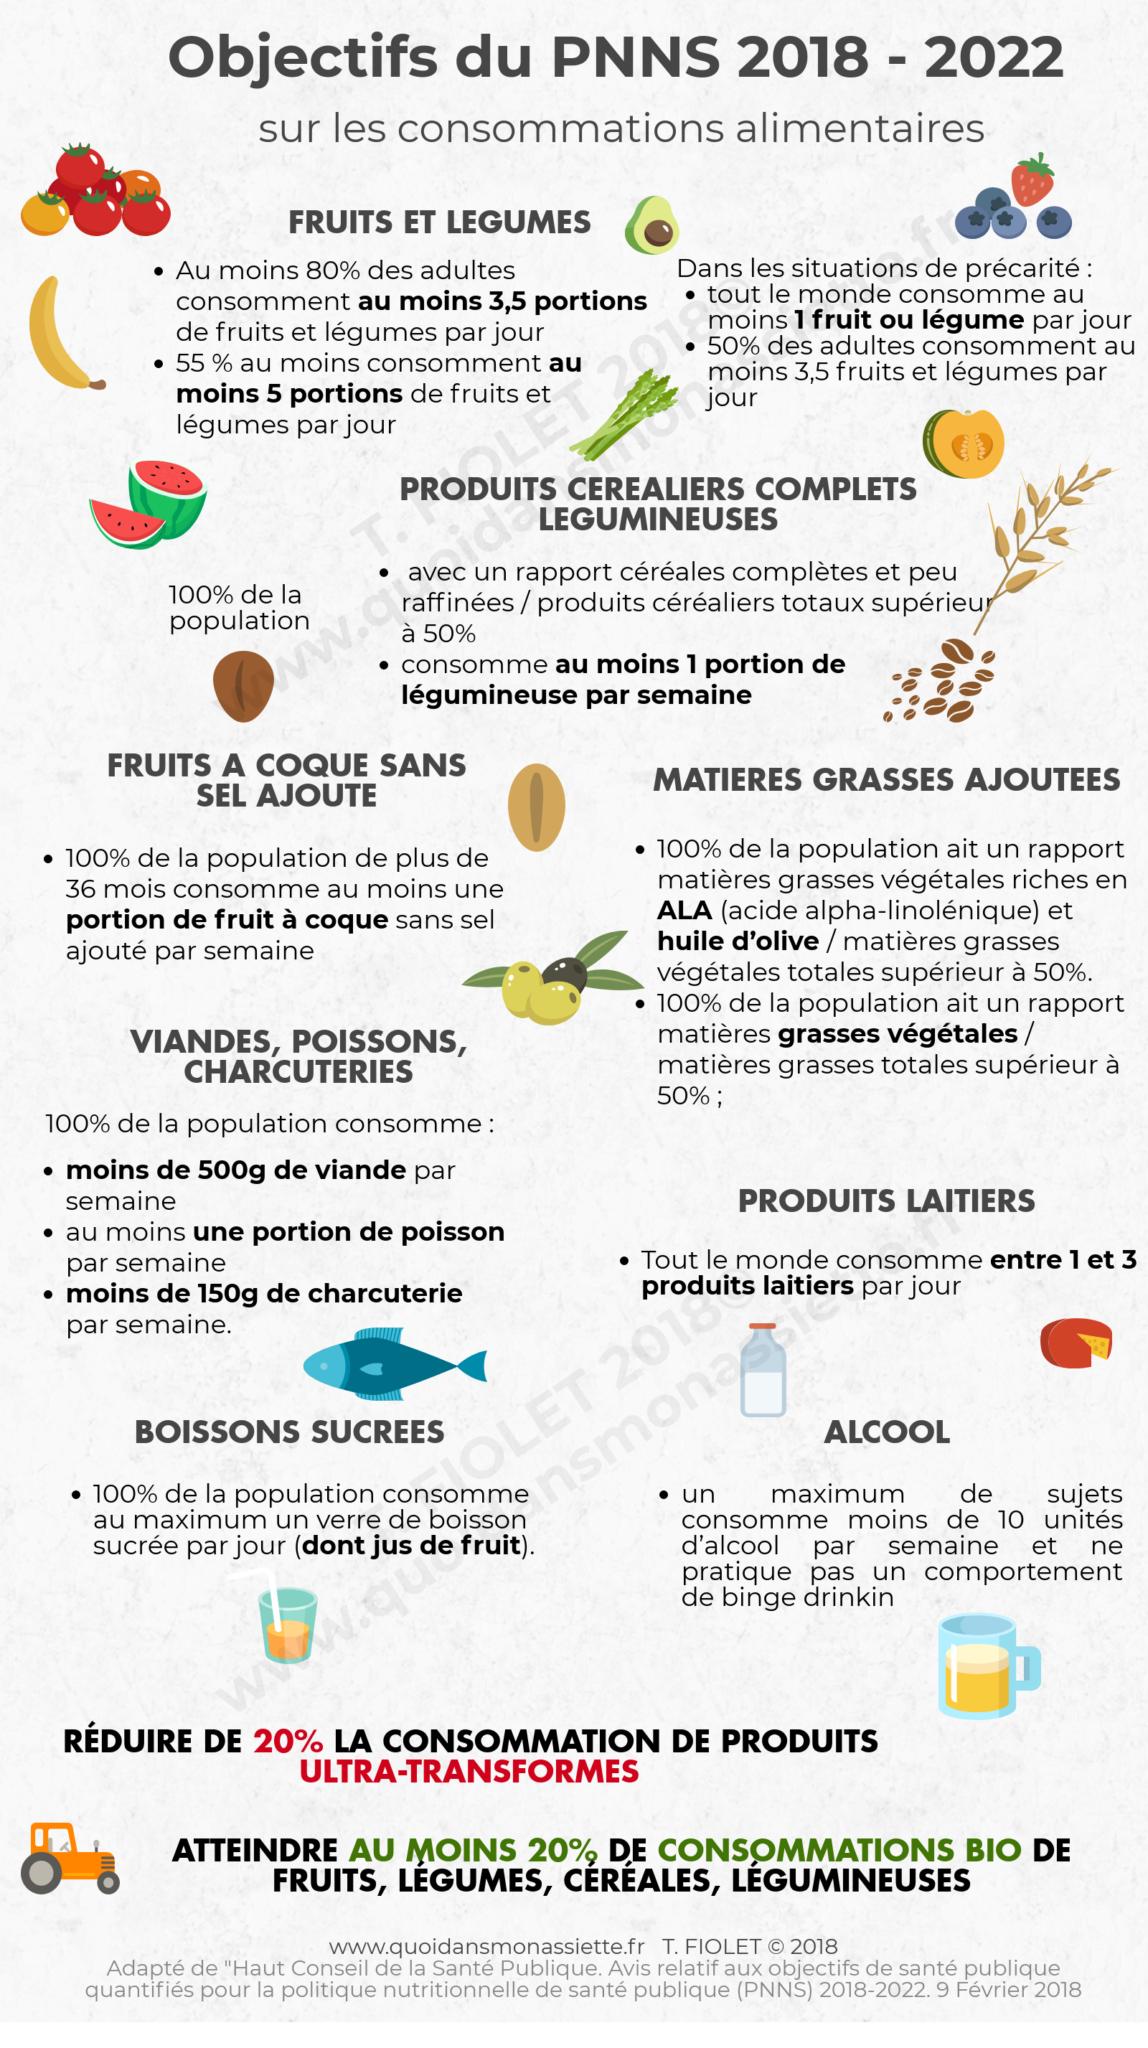 Infographie Objectifs PNNS 2018-2022 Français guidelines F2